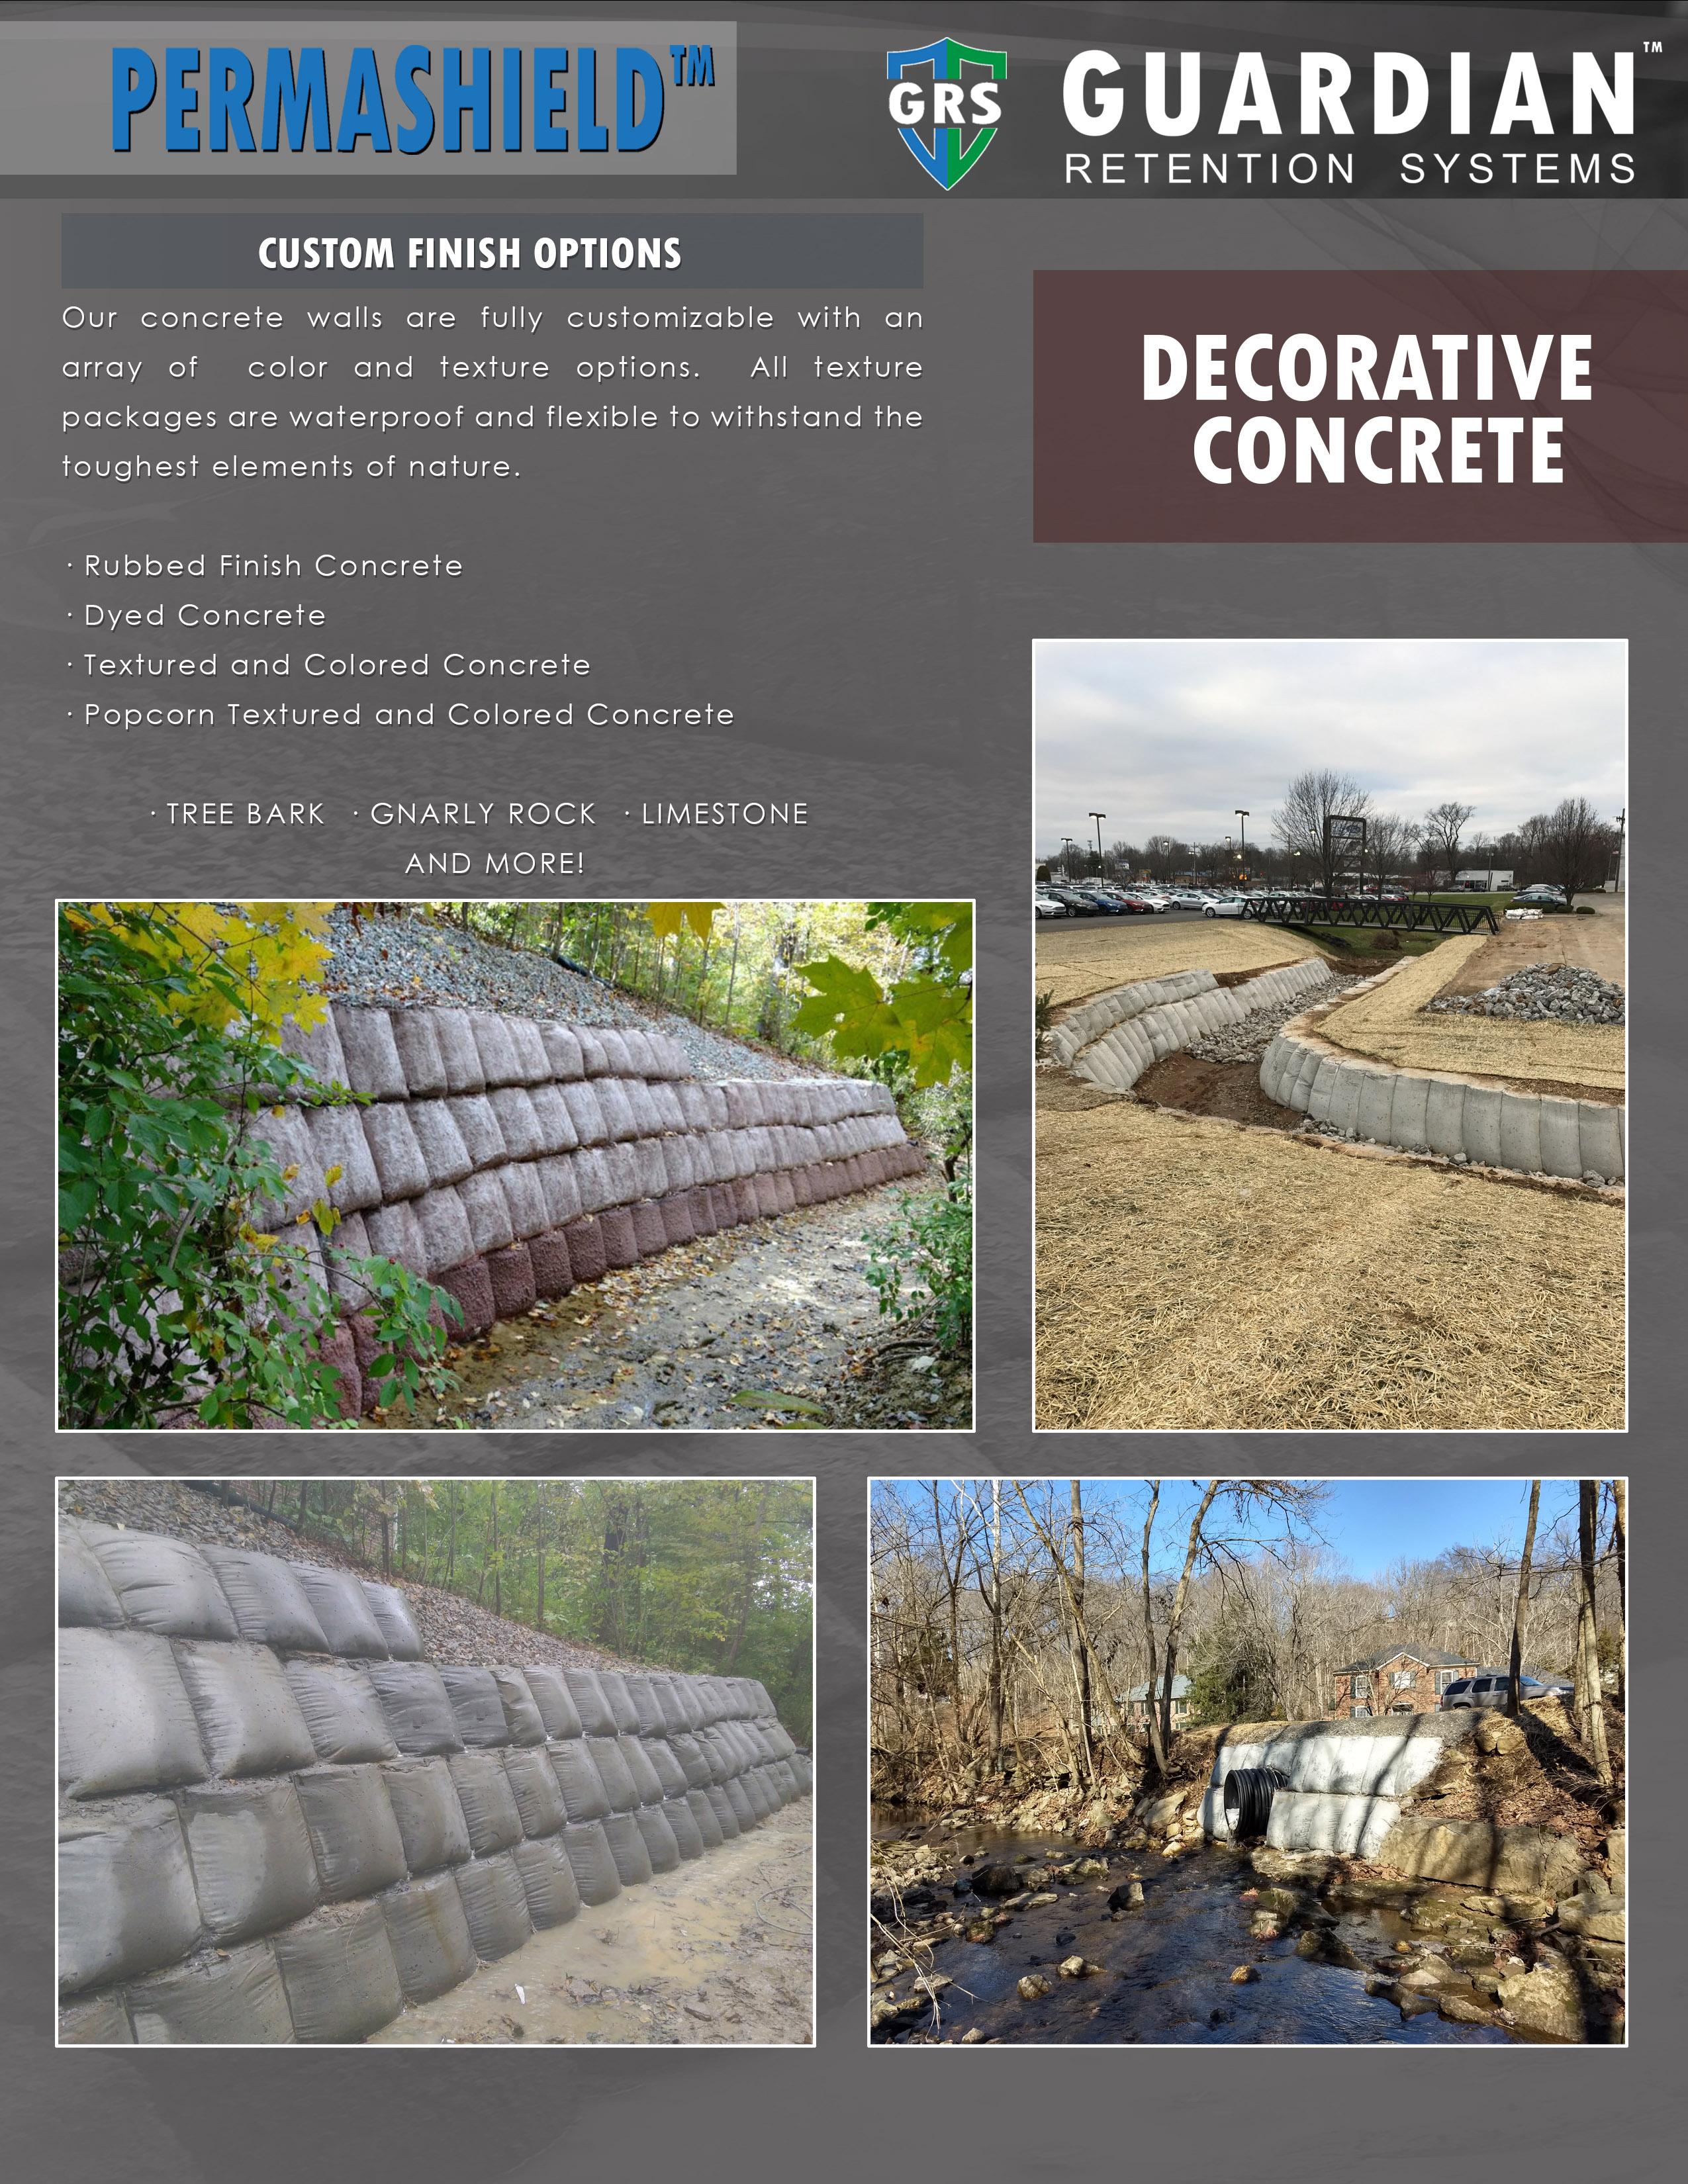 PermaShield™ custom concrete retaining wall